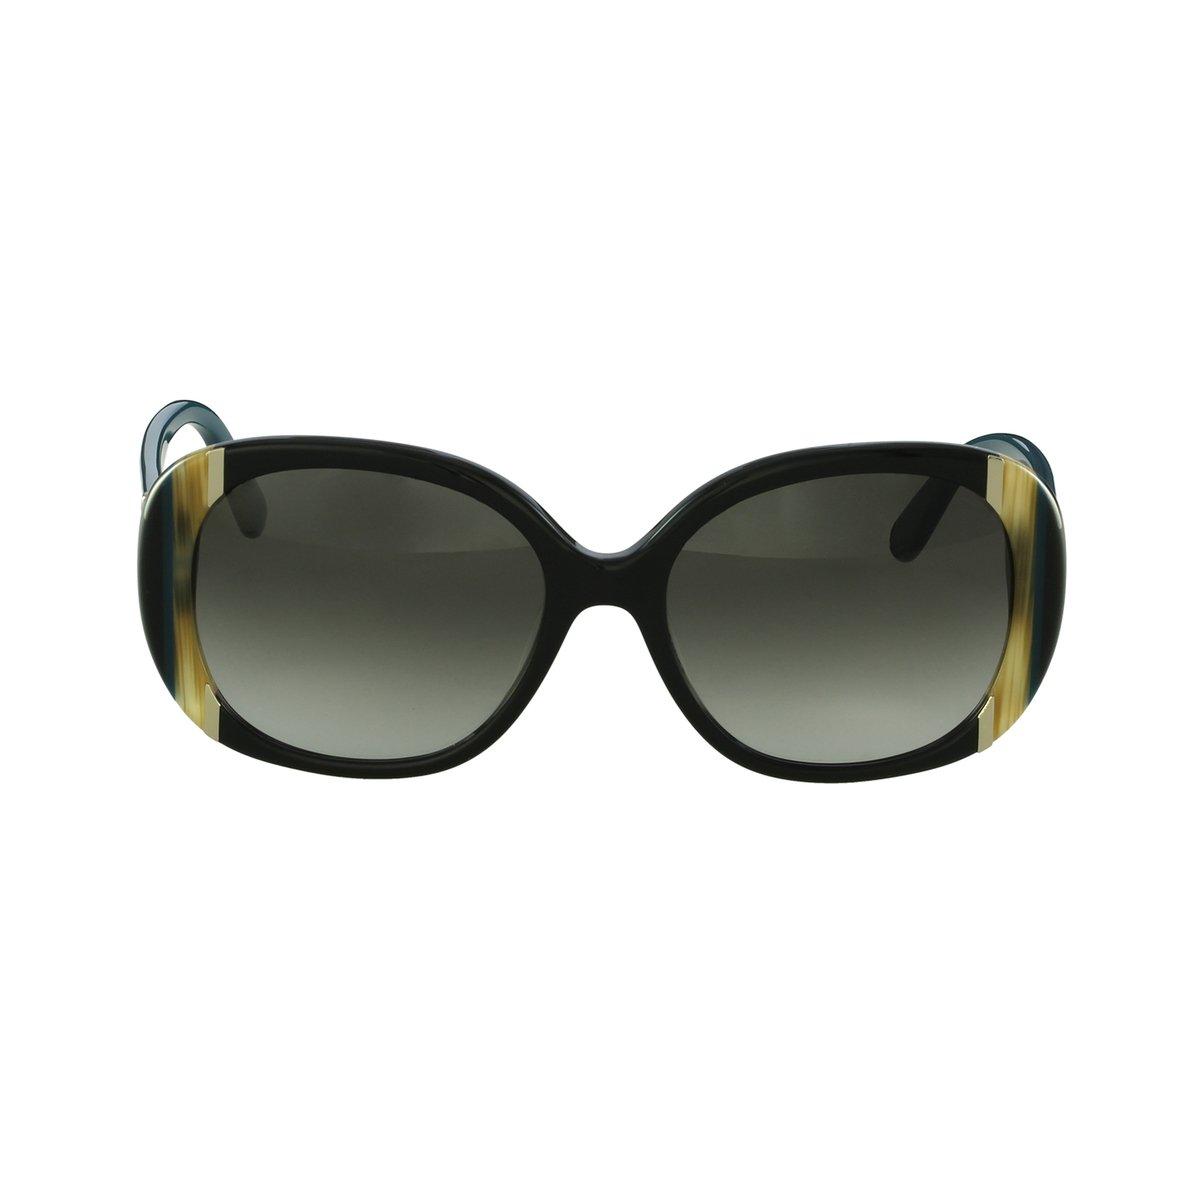 652184936 Óculos de Sol Salvatore Ferragamo Casual Preto - Compre Agora | Netshoes